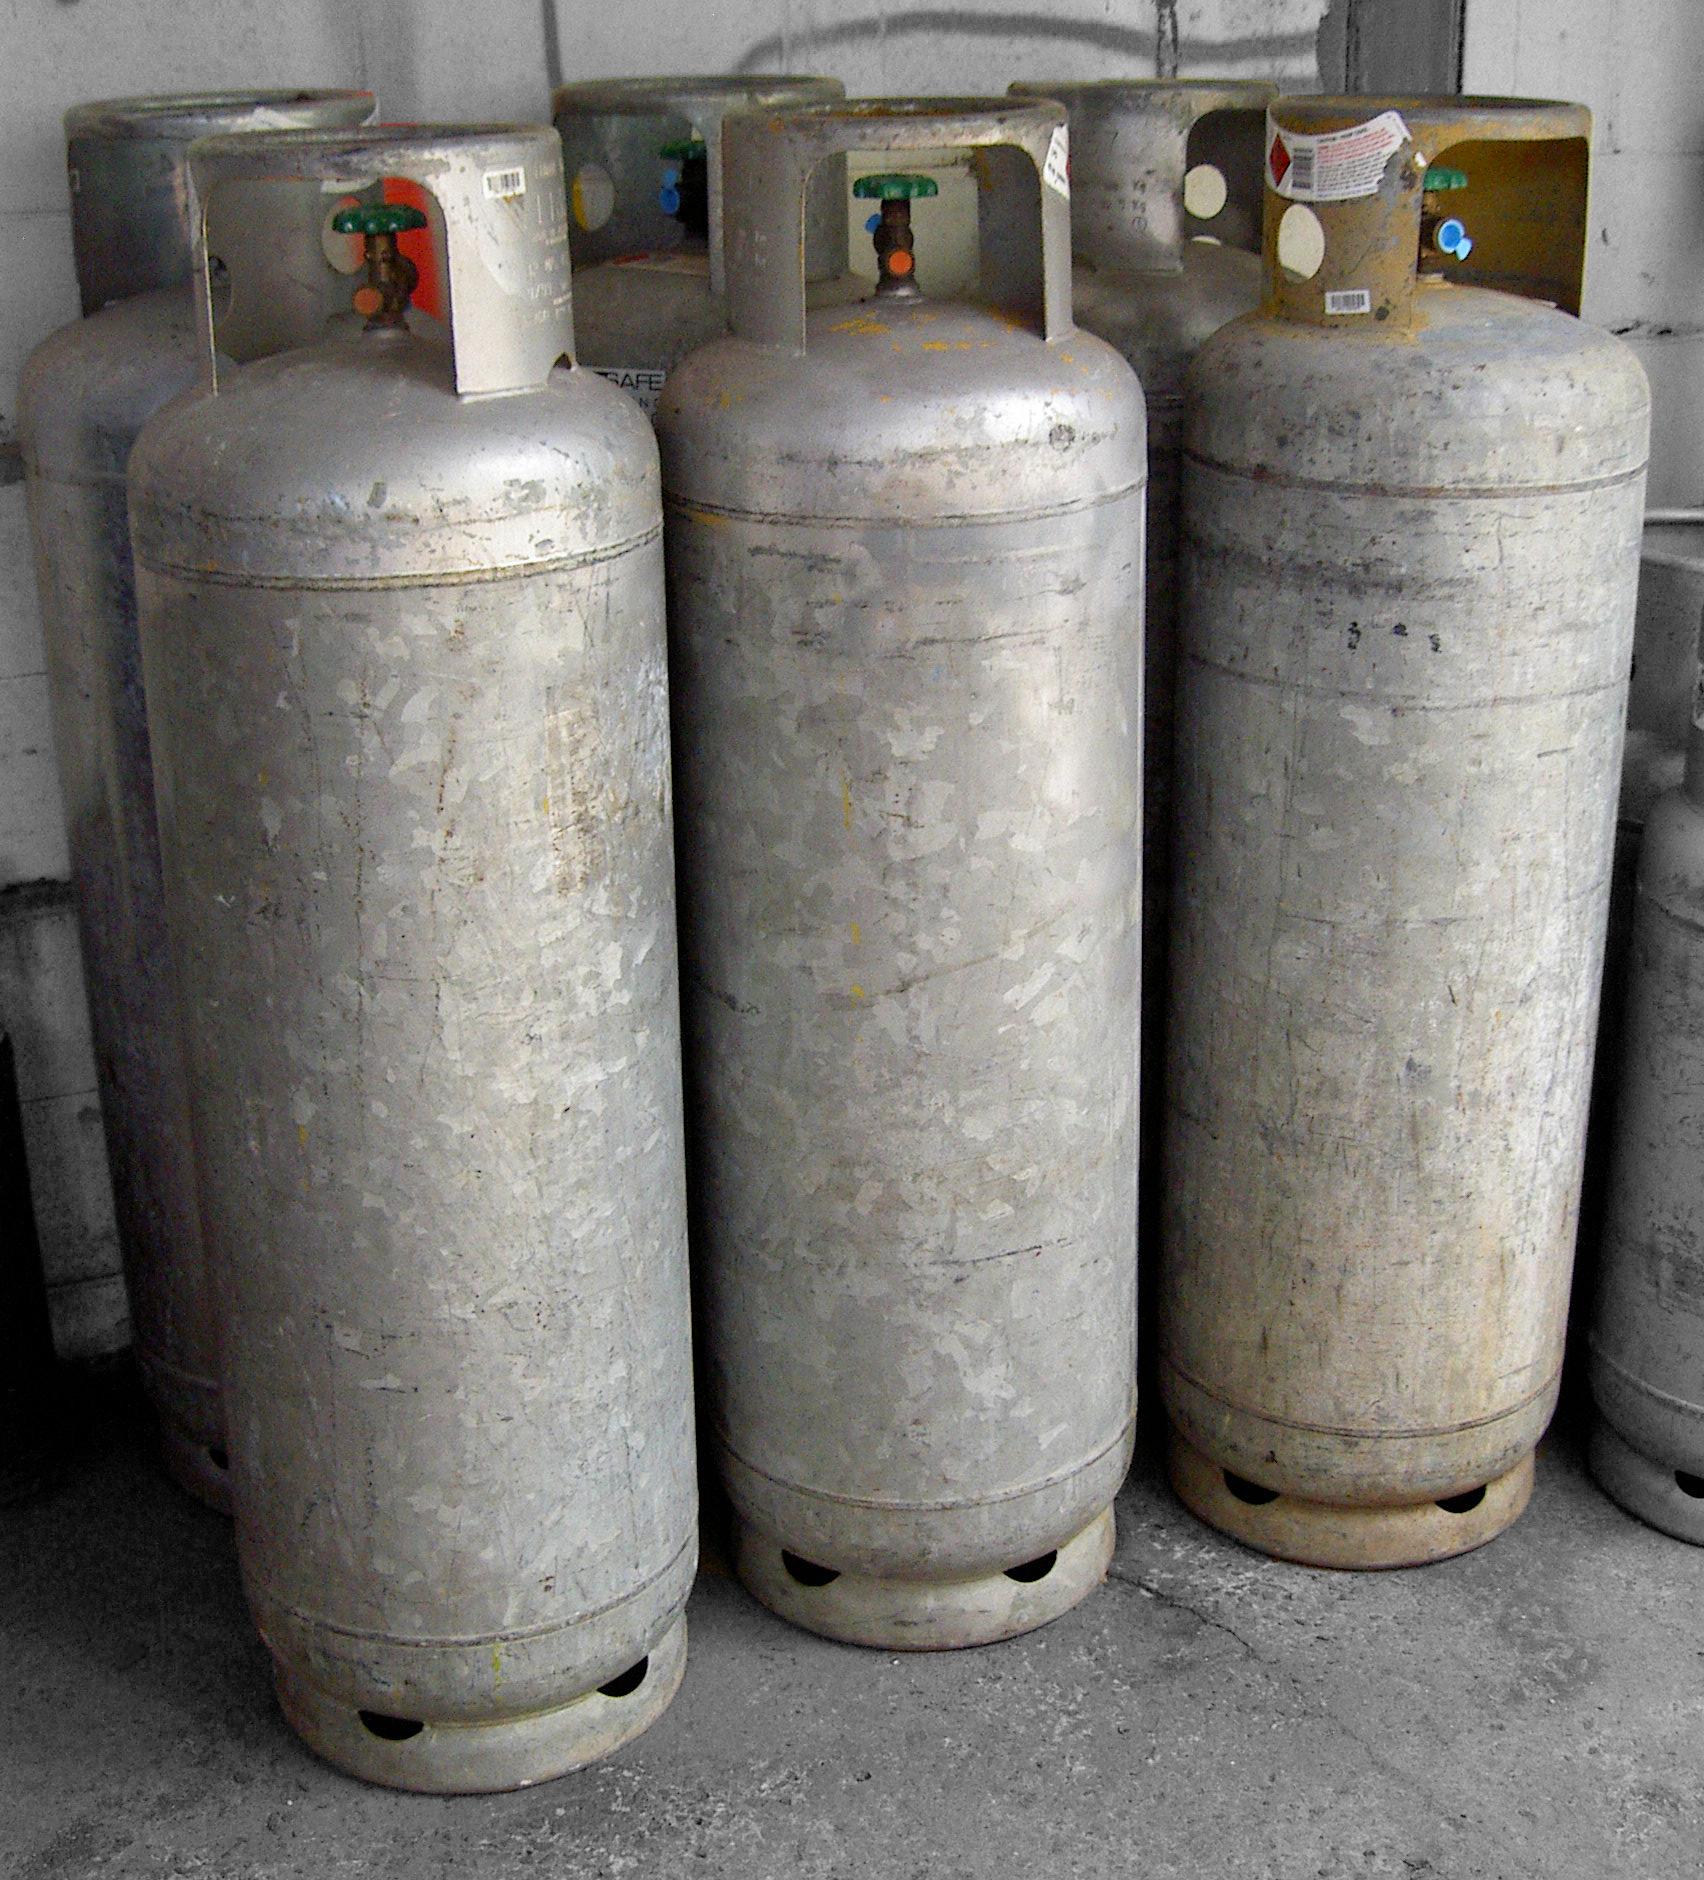 LPG 45kg/75ltr CYLINDER CLASS 2.1 UN No.1075 PETROLEUM GASES, LIQUEFIED Supagas